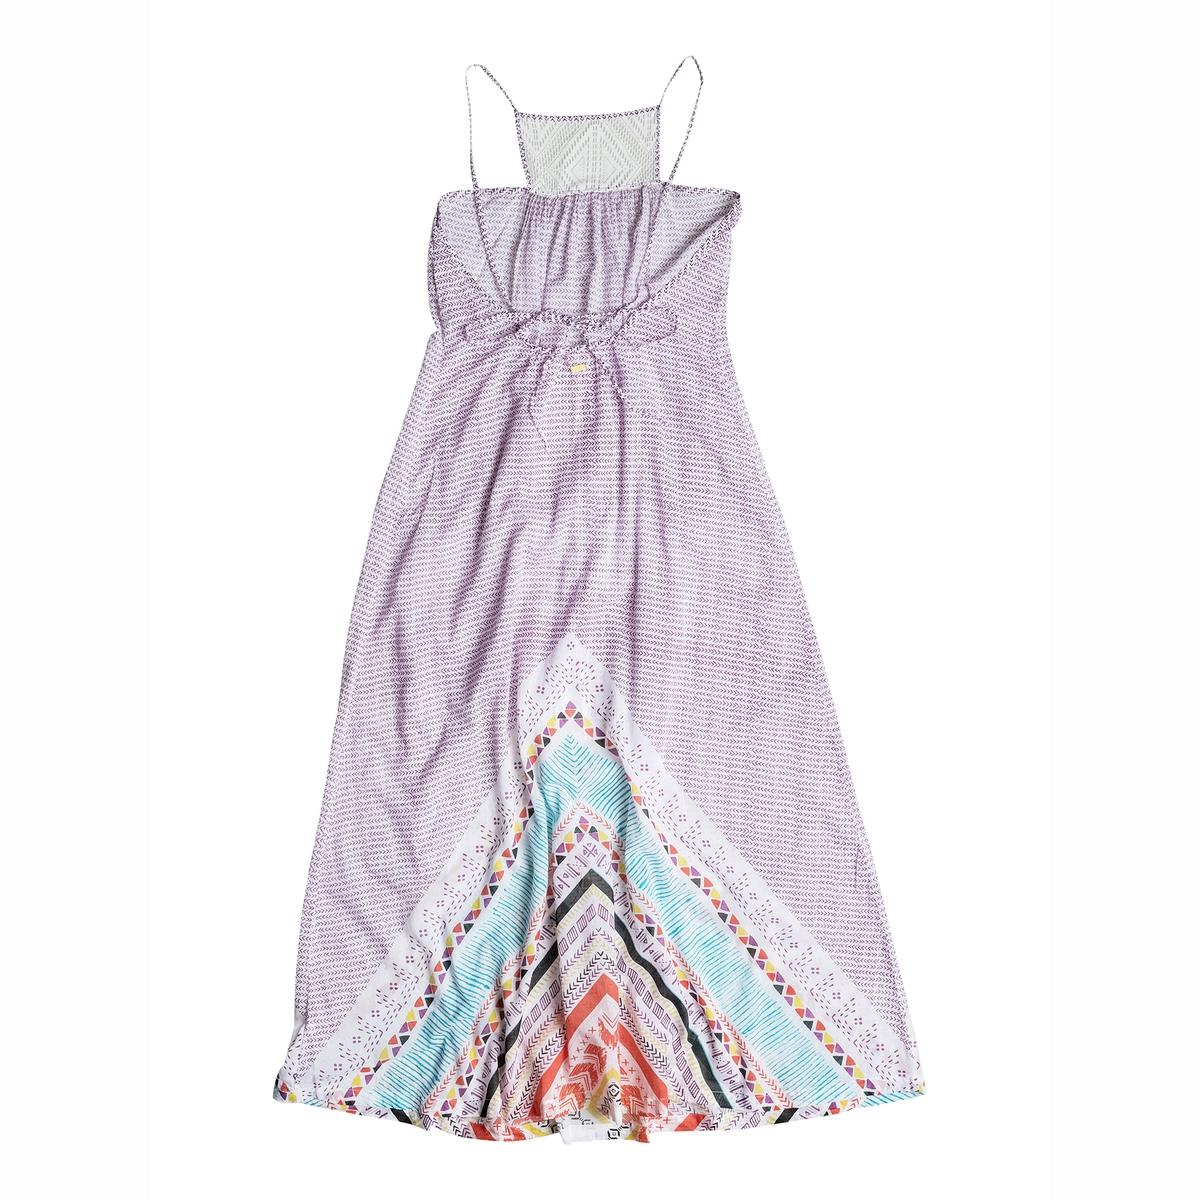 Платье длинное на тонких бретелях, с рисунком ROXY, LOST BOHEMIANСостав и характеристики: :Материалы  : 100% хлопкаМарка : ROXY<br><br>Цвет: белый наб.рисунок